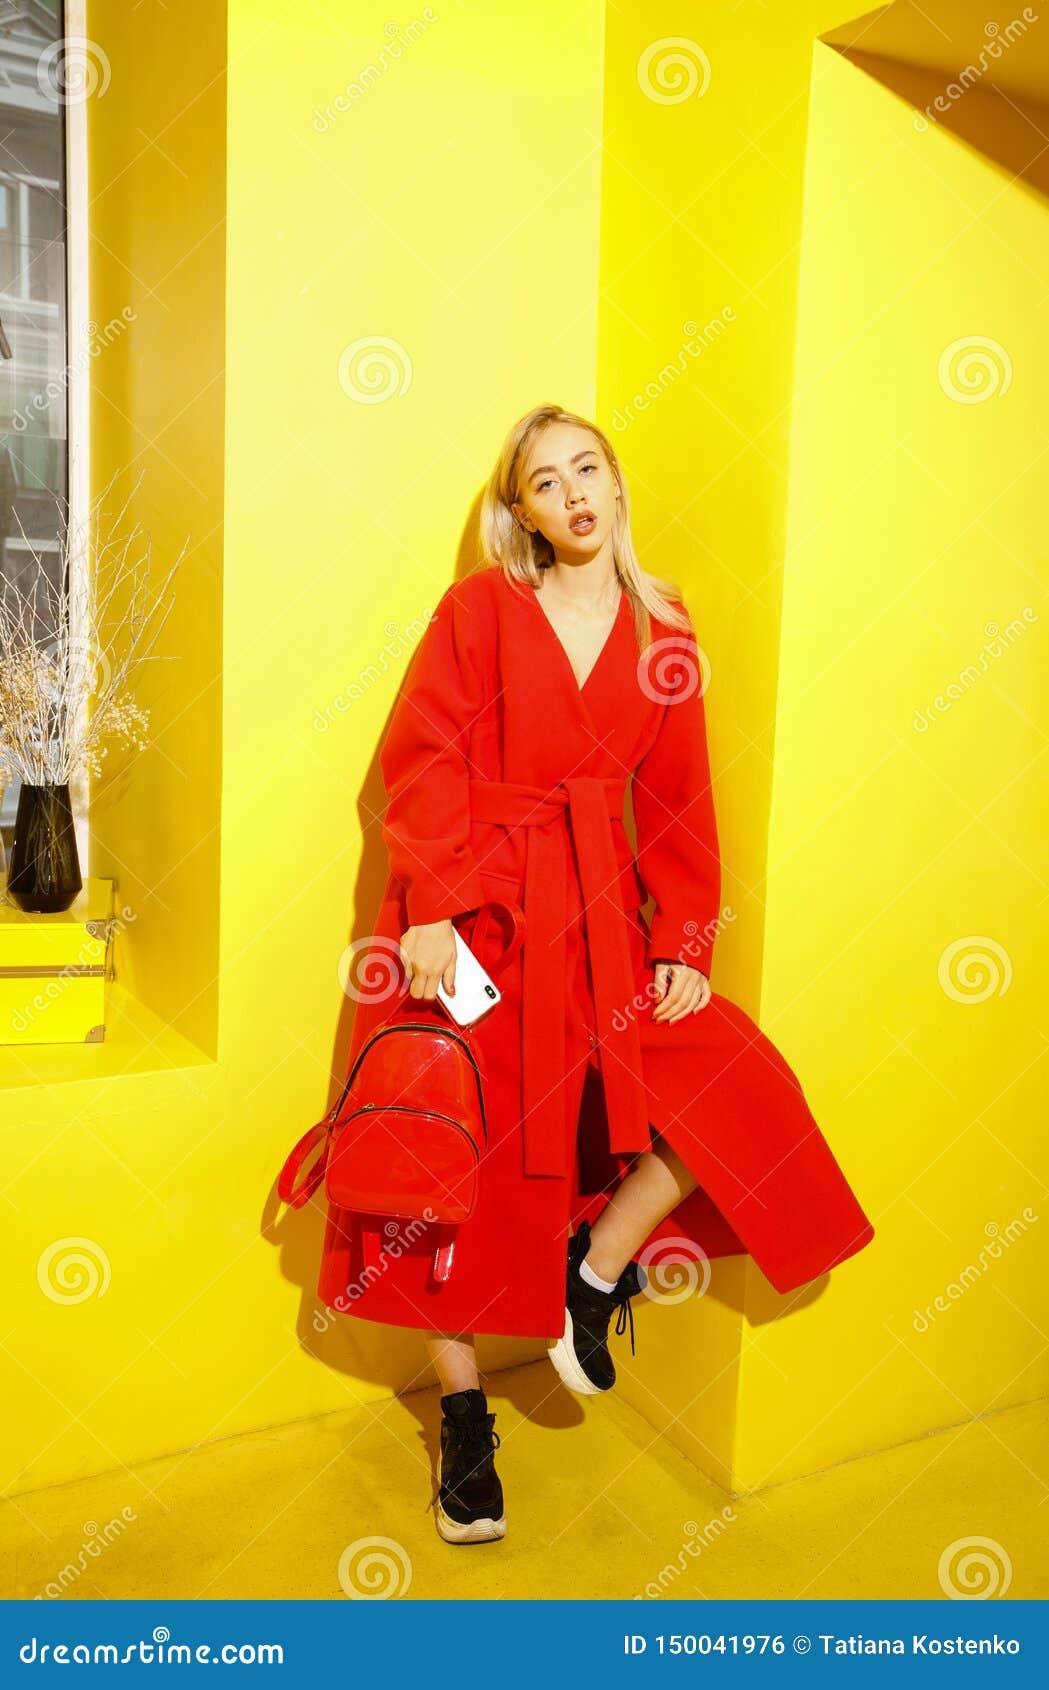 在时髦的红色外套打扮的美丽的少女博客作者在黄色墙壁背景摆在展示屋子